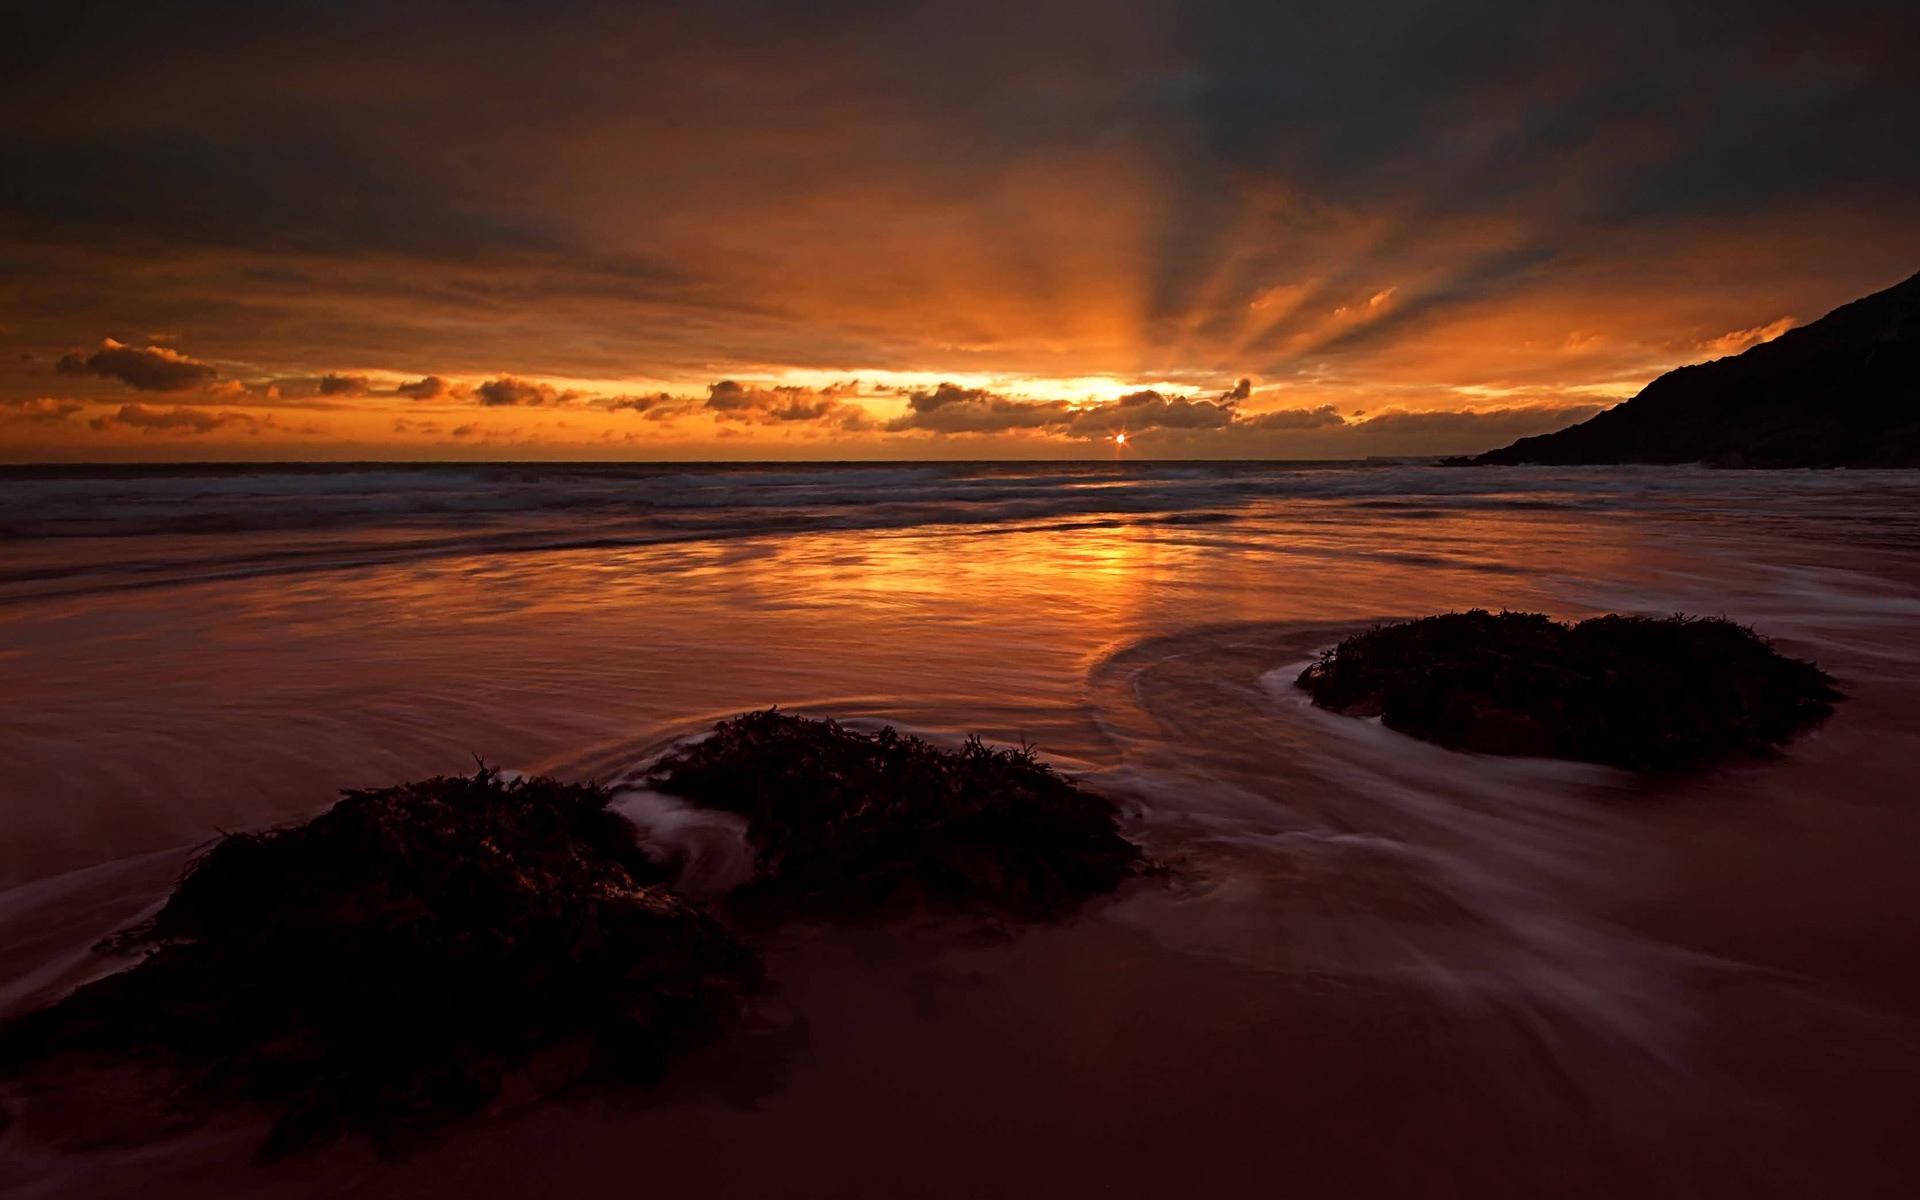 Ocean sunset wallpaper - Beach Wallpapers